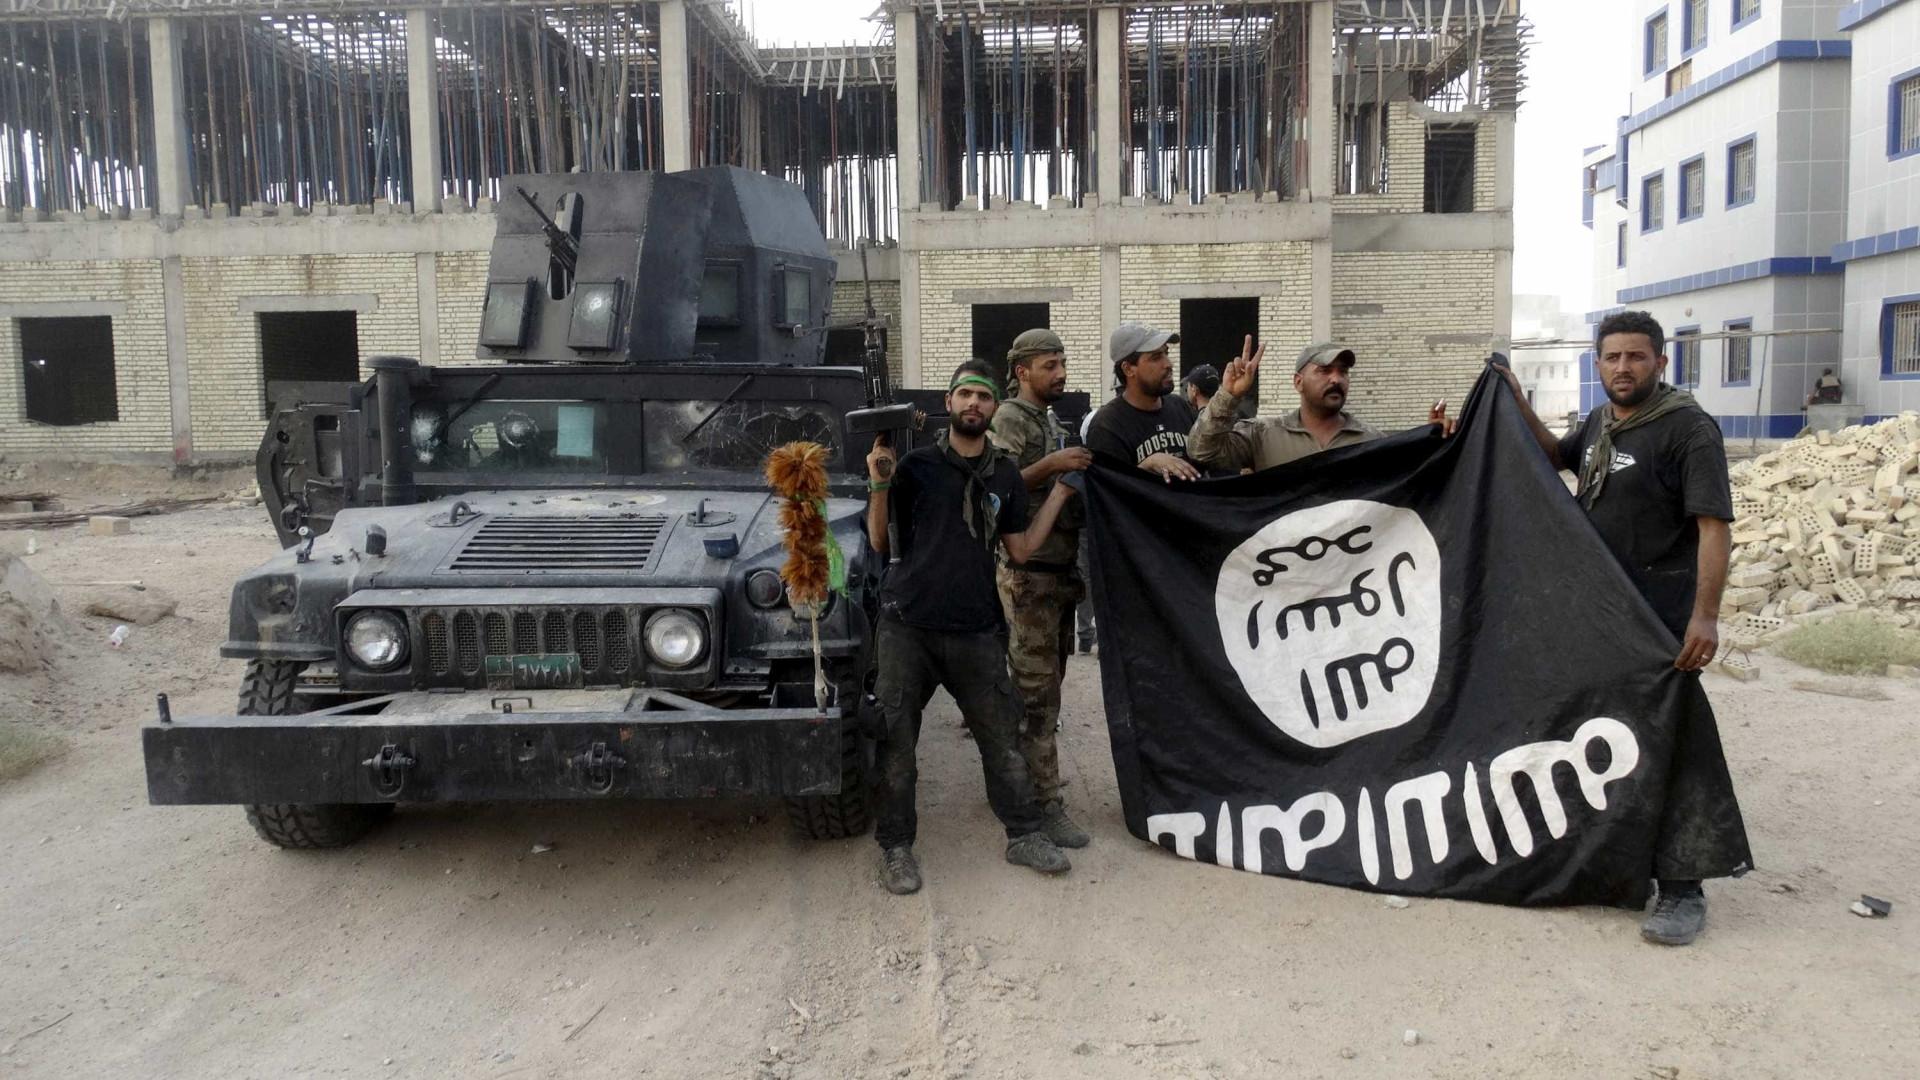 Documentos apreendidos do ISIS revelam planos para atacar a Europa